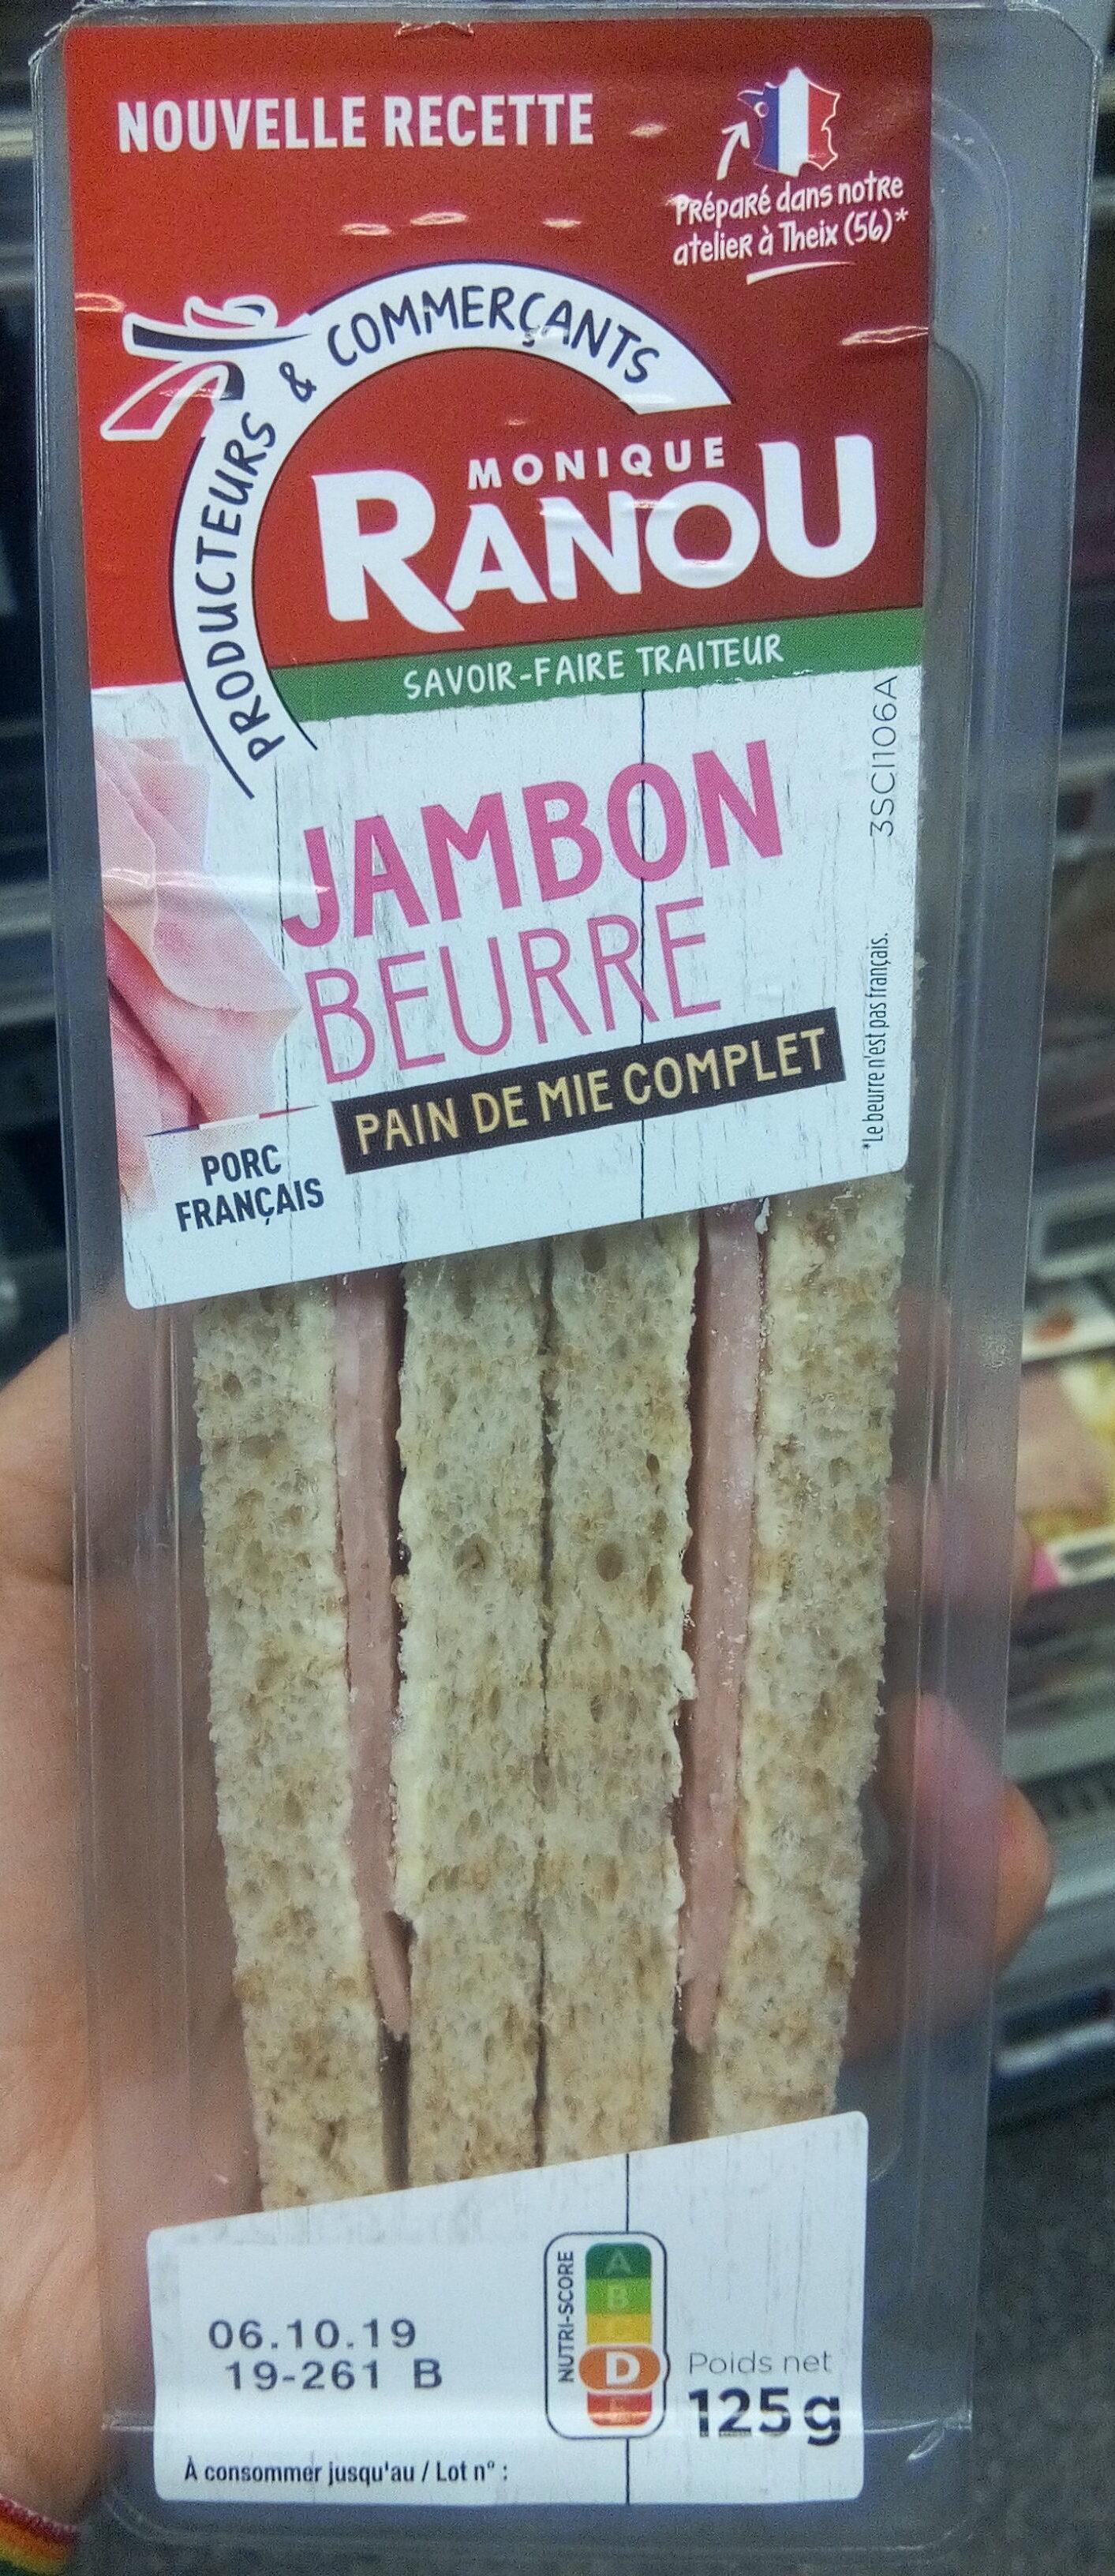 Jambon beurre pain de mie complet - Produit